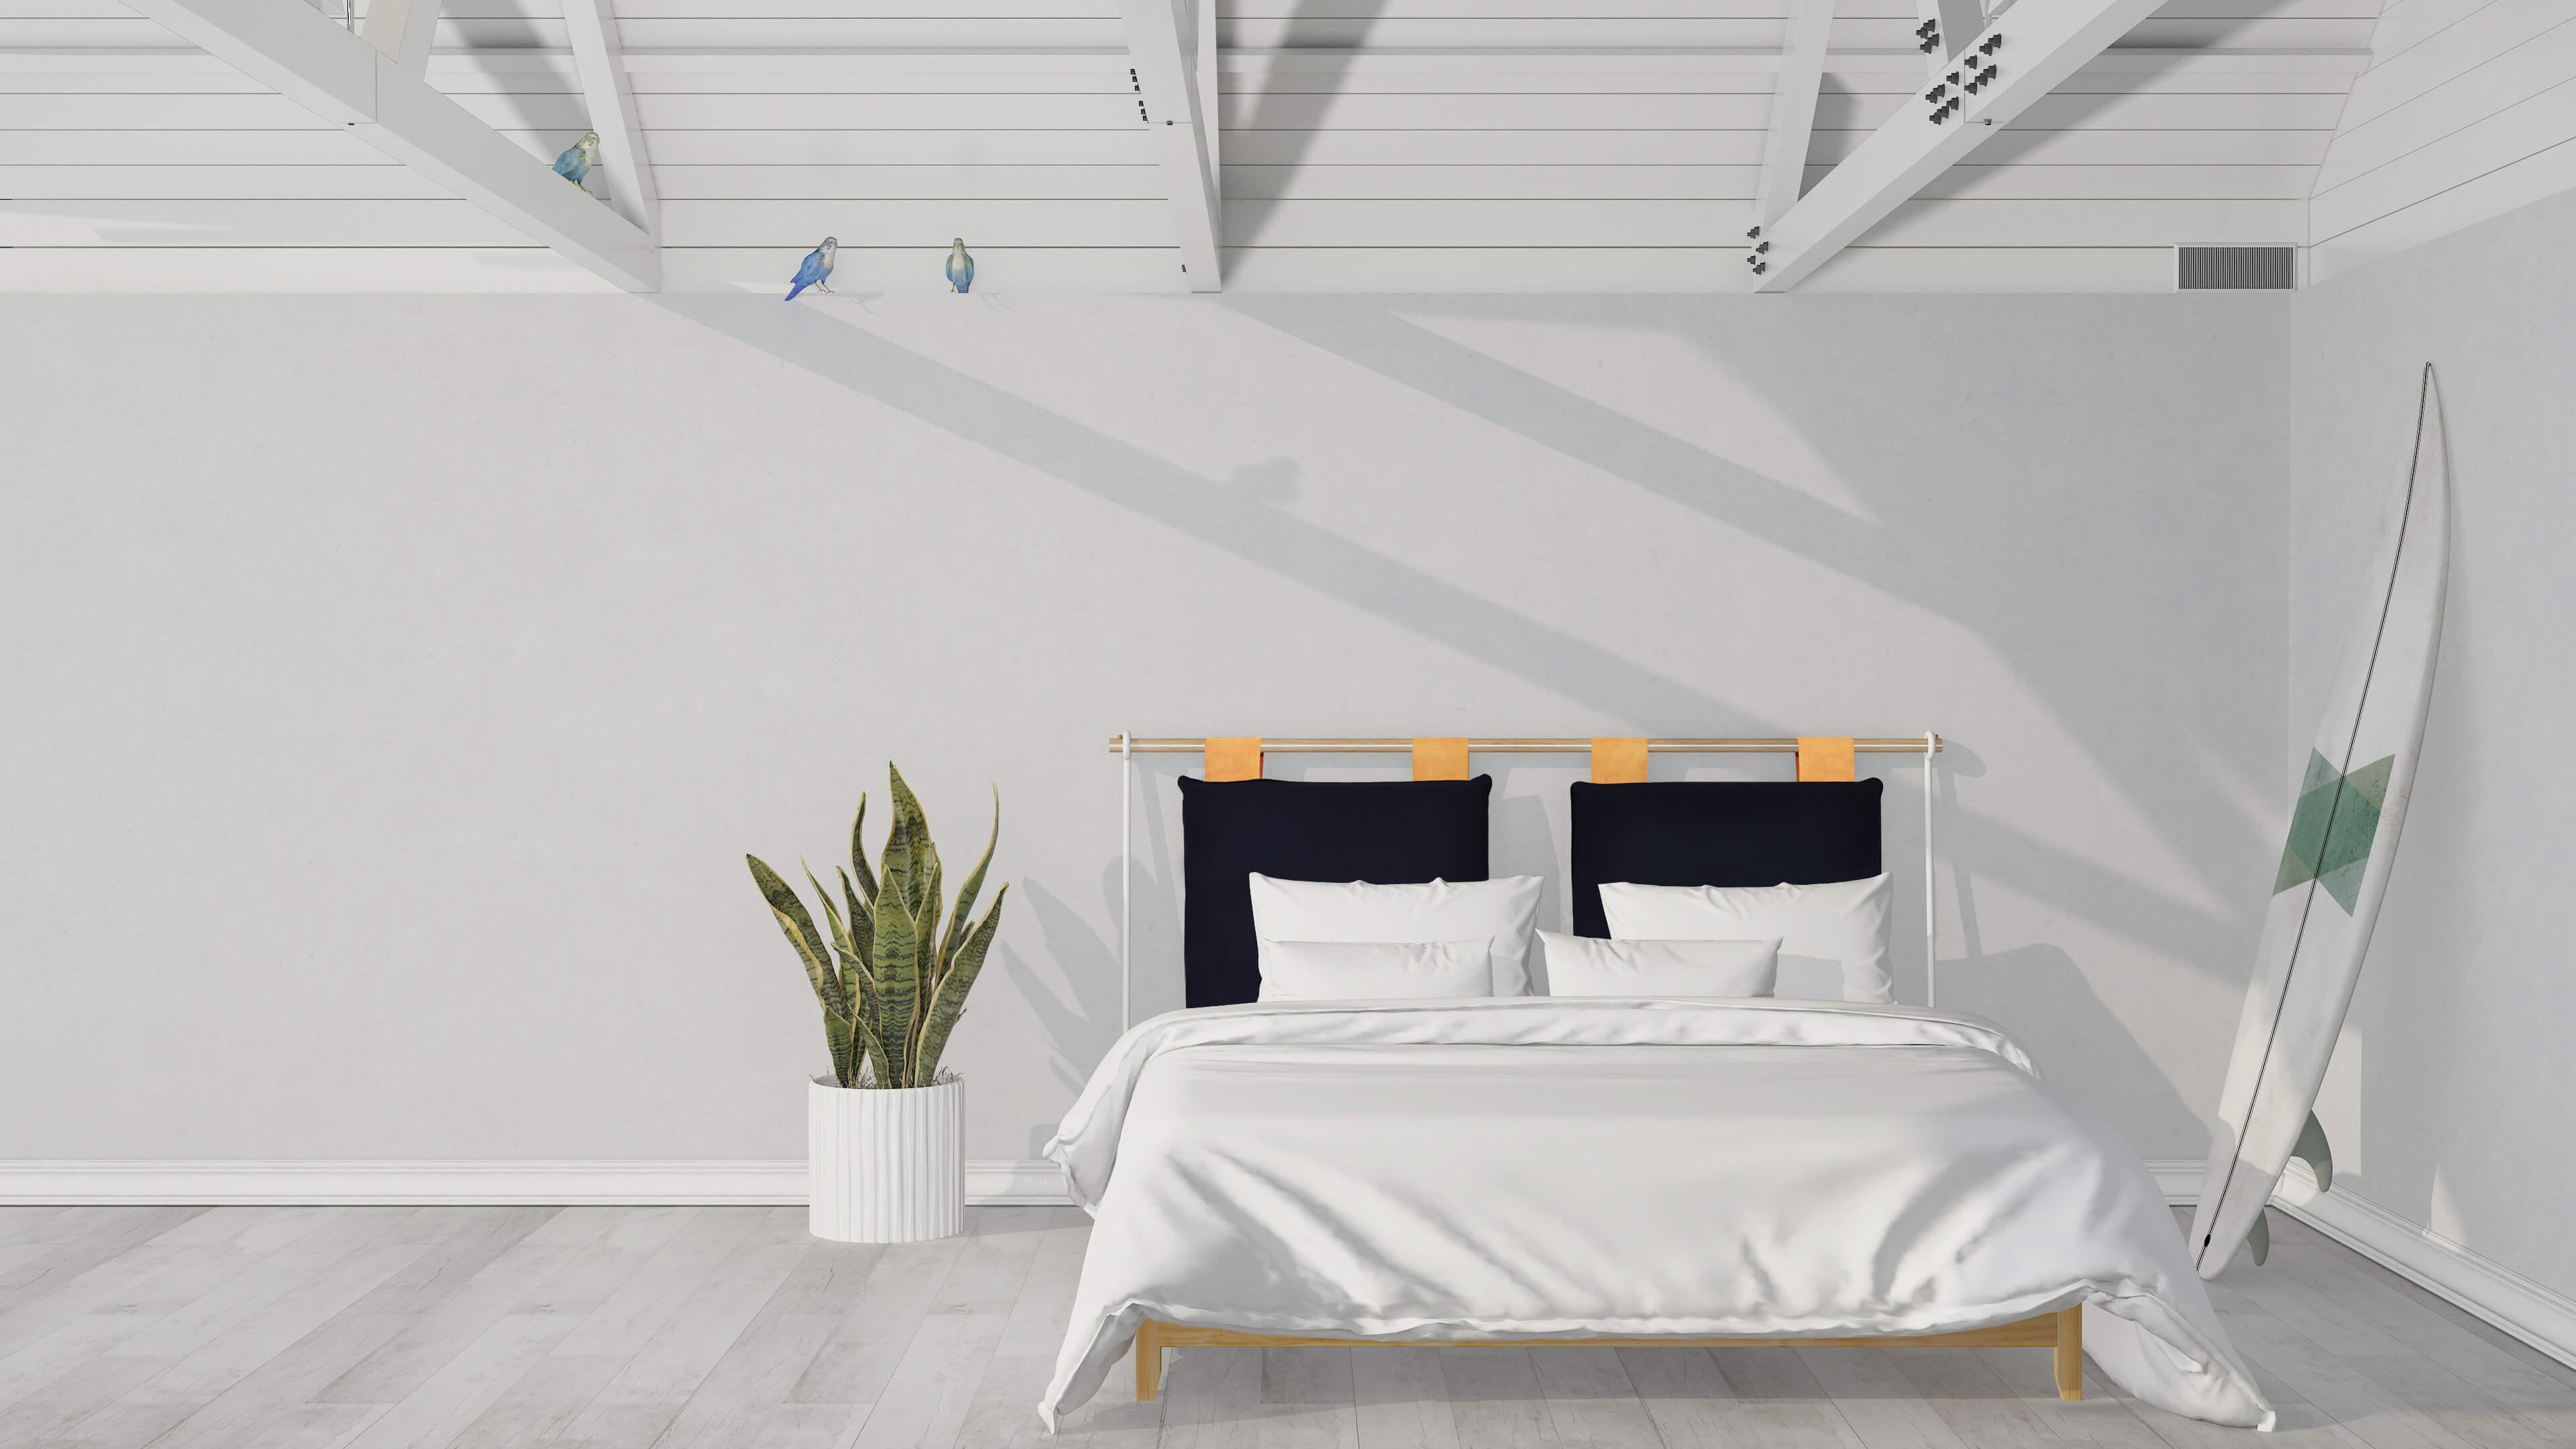 furniture-renderings-20